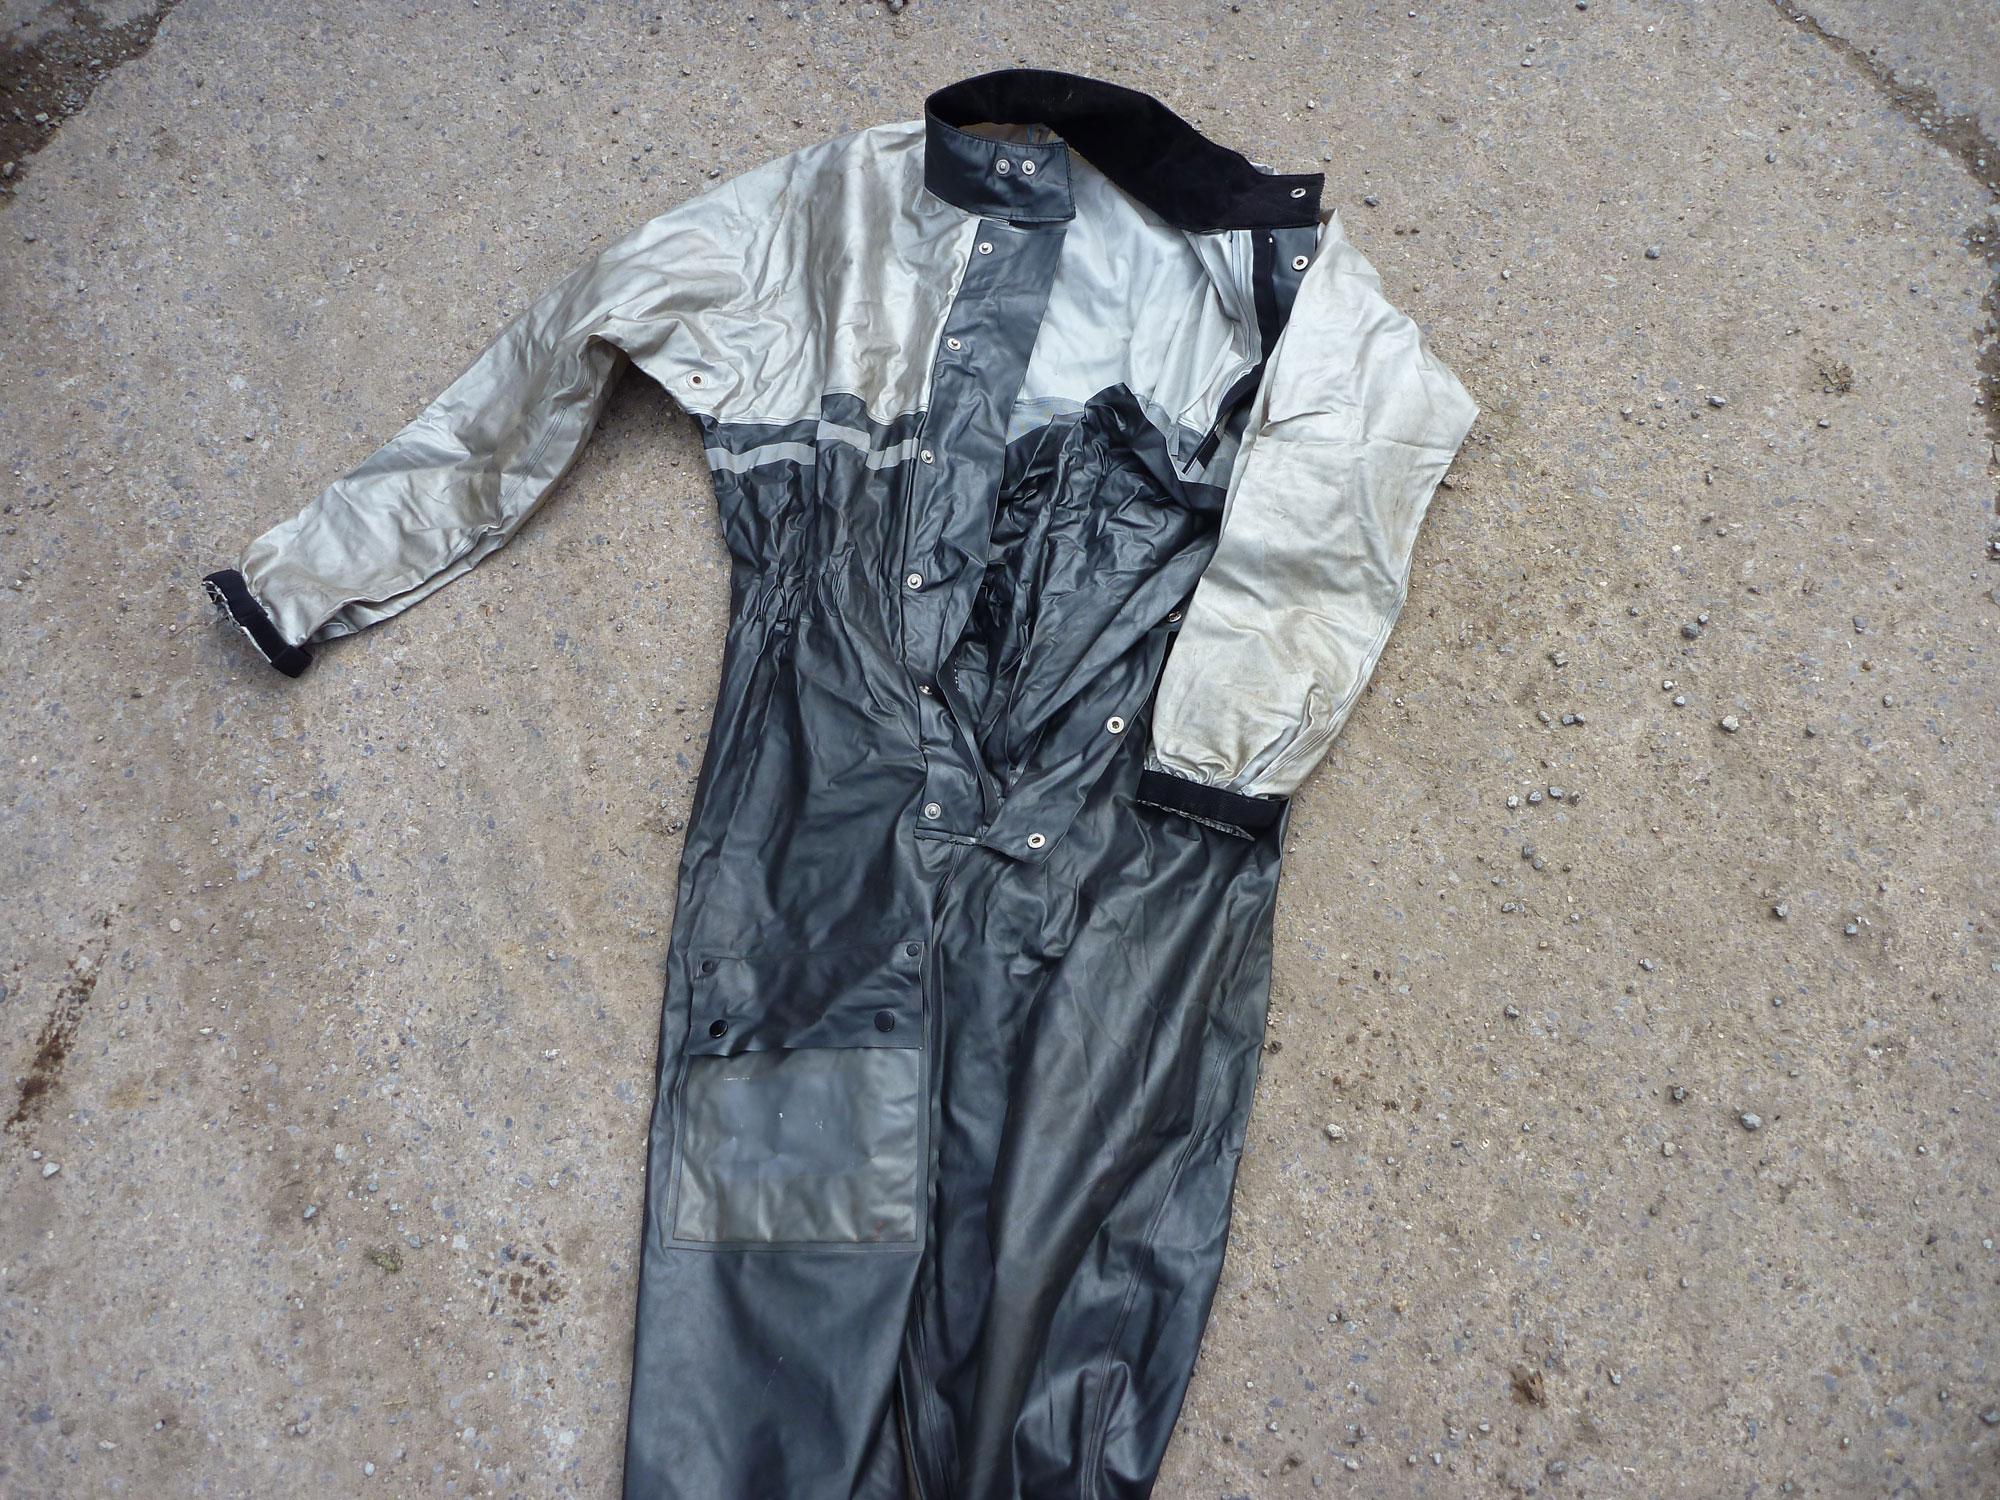 classic gear the rukka pvc waterproof gear vector free gear vector in dreams meaning